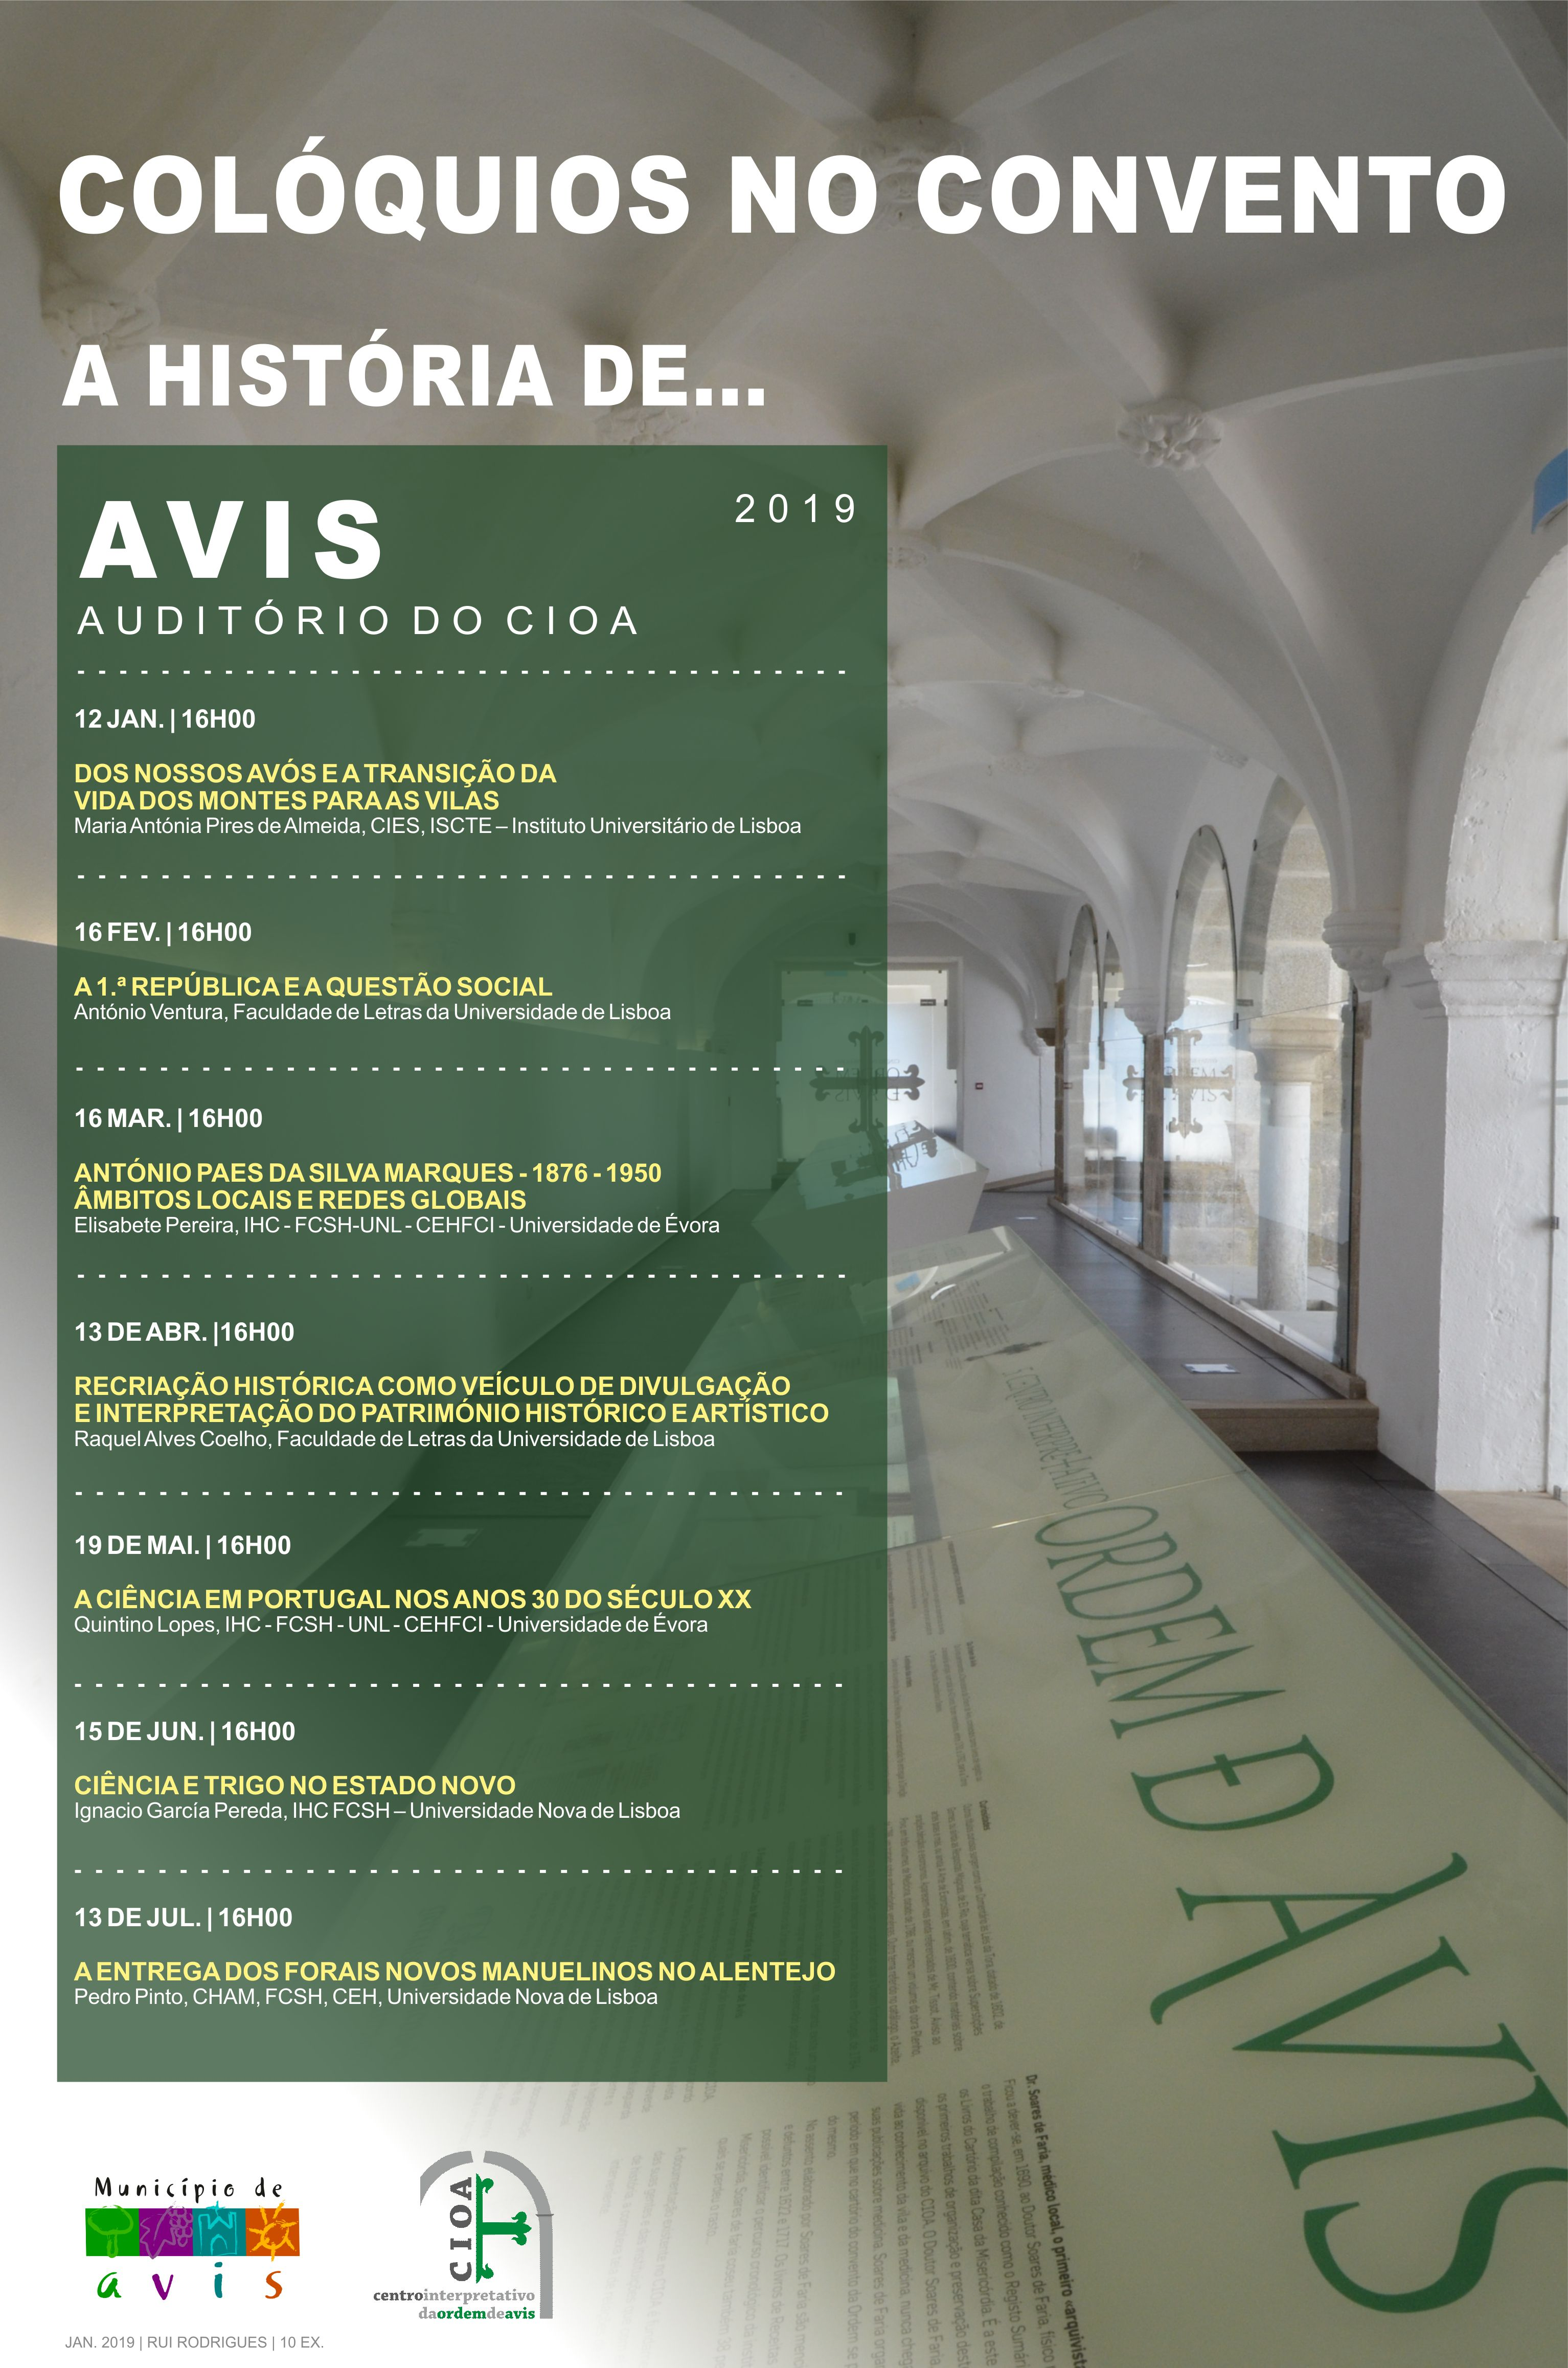 ... debater temas de interesse de diversos públicos naquele que é um dos  edifícios mais emblemáticos do Centro Histórico de Avis  o Convento de S.  Bento. ee8f22ea490ae